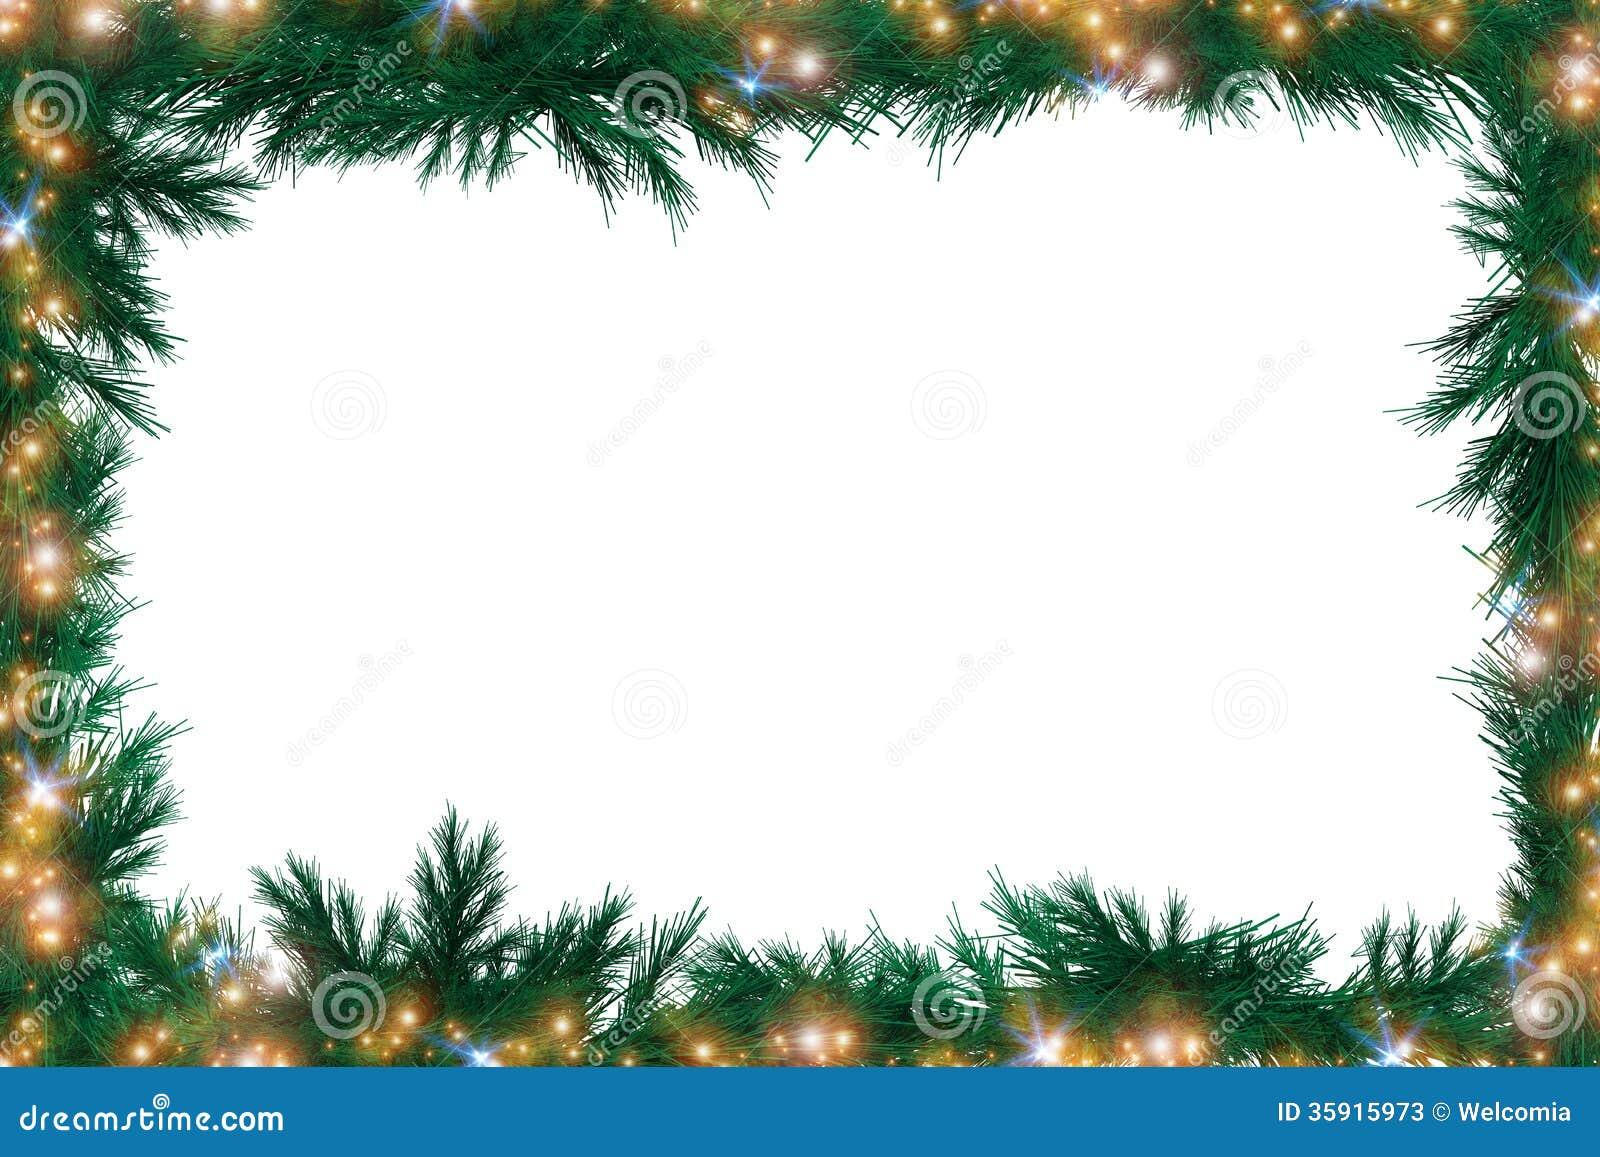 weihnachtsgr ner rahmen stockbild bild von zweig. Black Bedroom Furniture Sets. Home Design Ideas